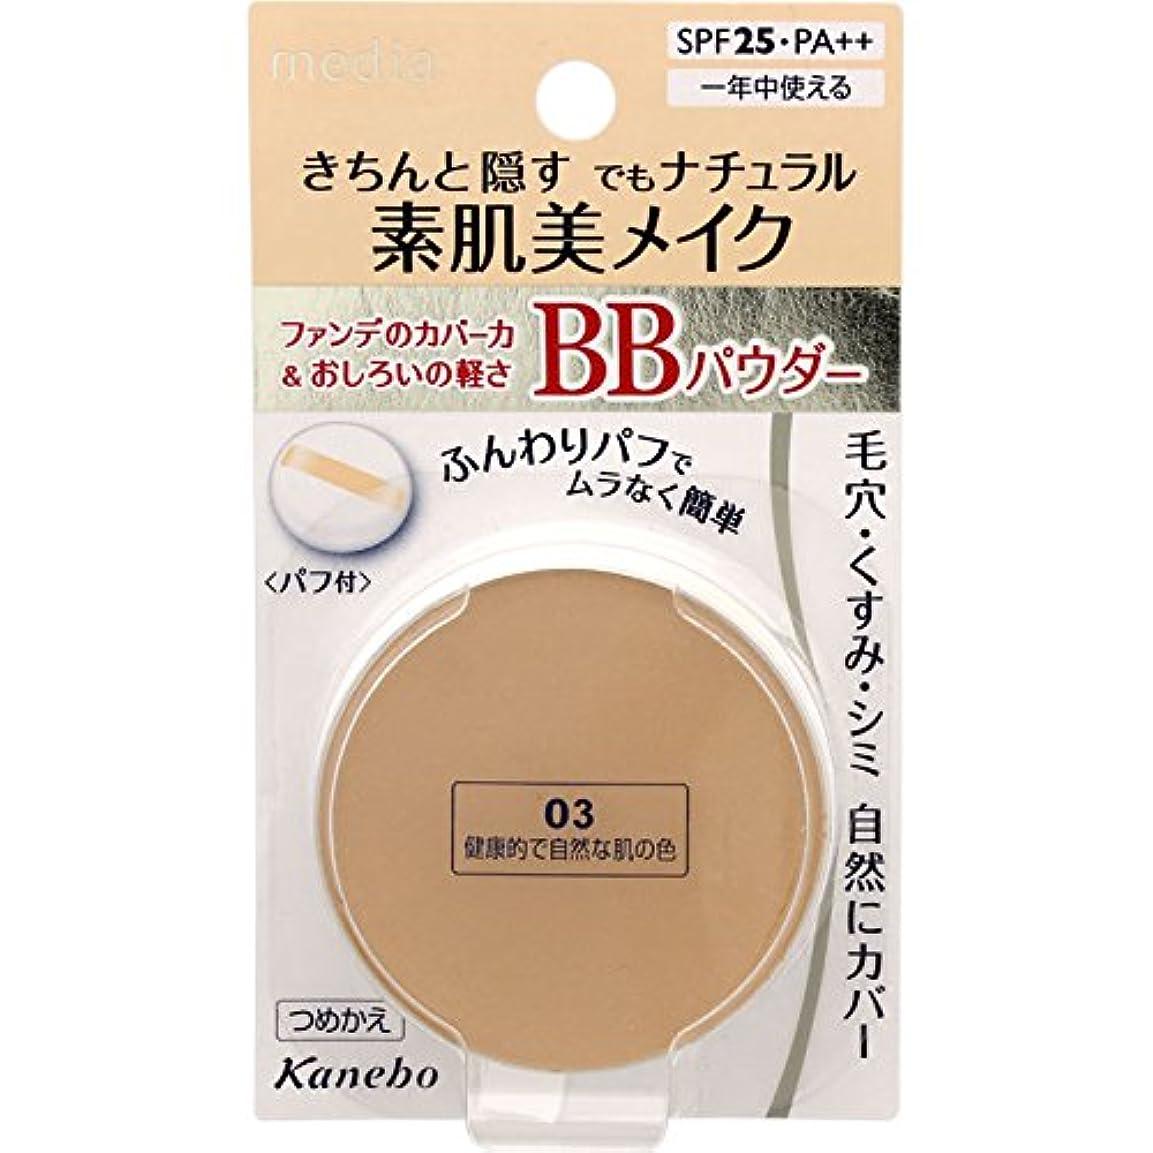 ガイドライン一定セクタメディアBBパウダー03(健康的で自然な肌の色)×5